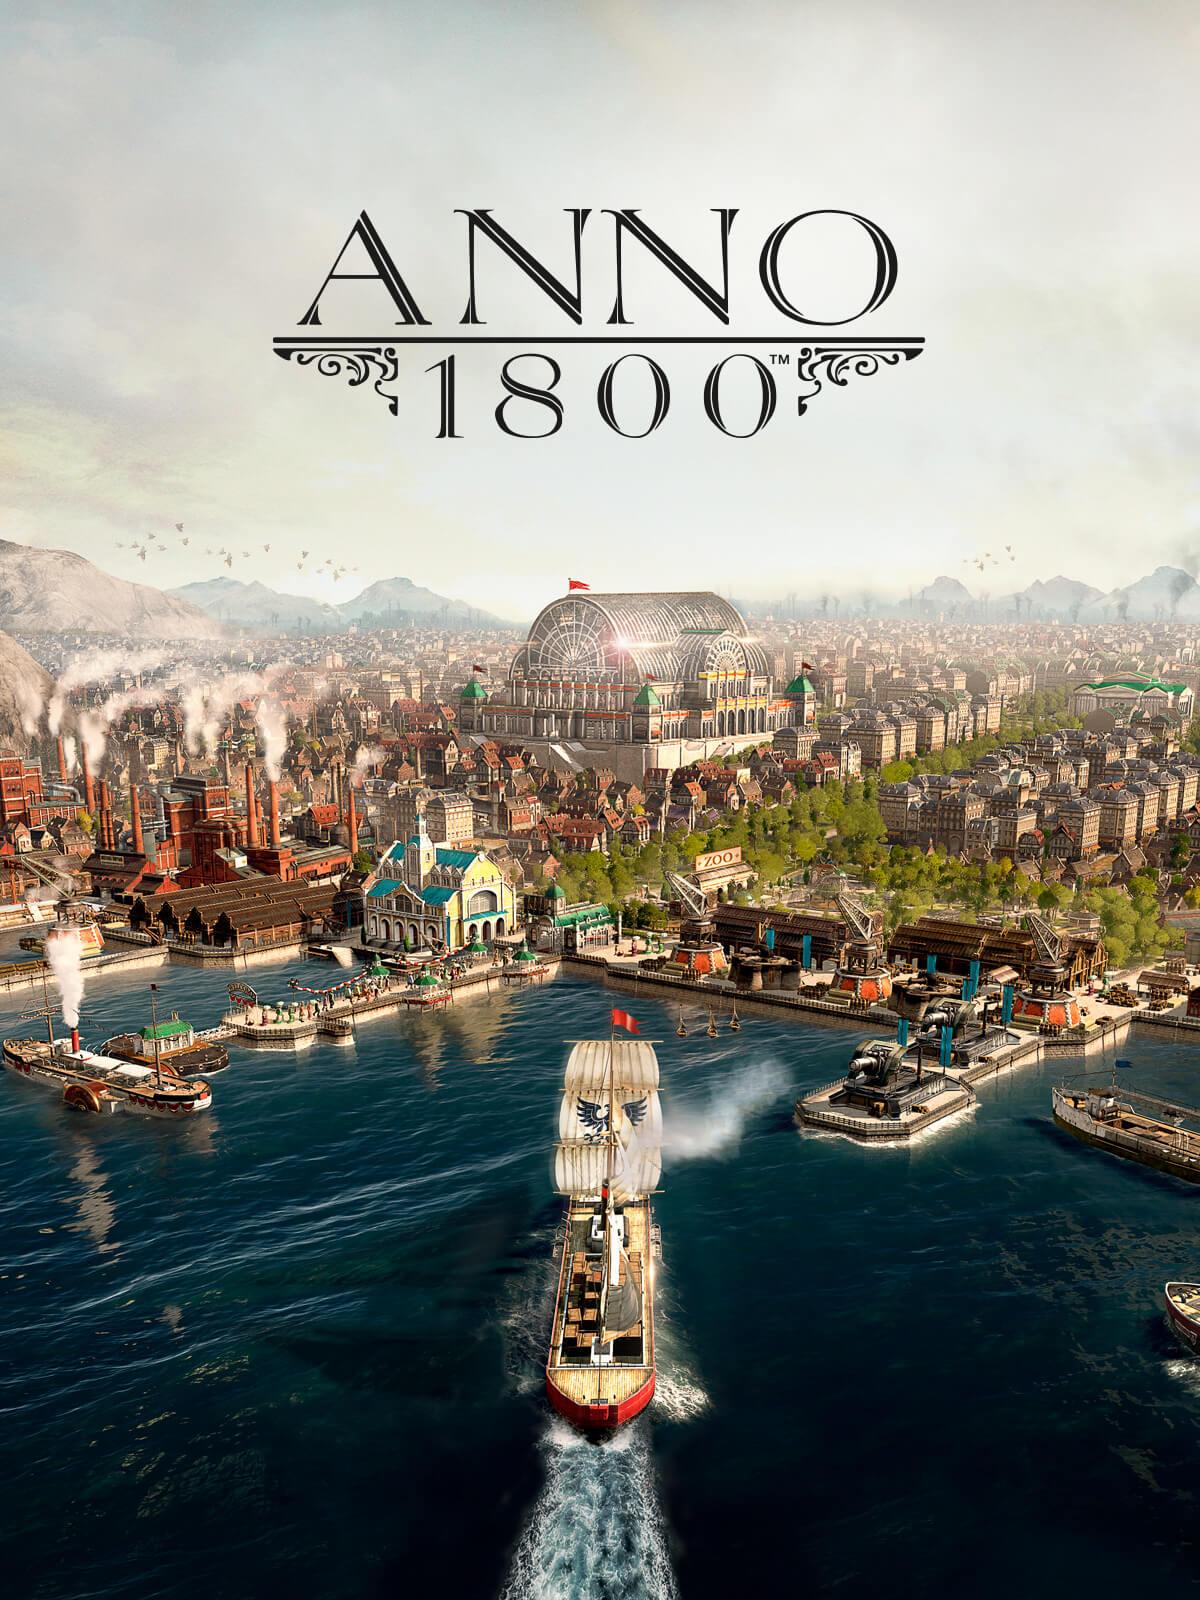 Anno 1800 für 9,31€ oder Complete Edt. für 23,50€ im EPIC Store mit VPN RU